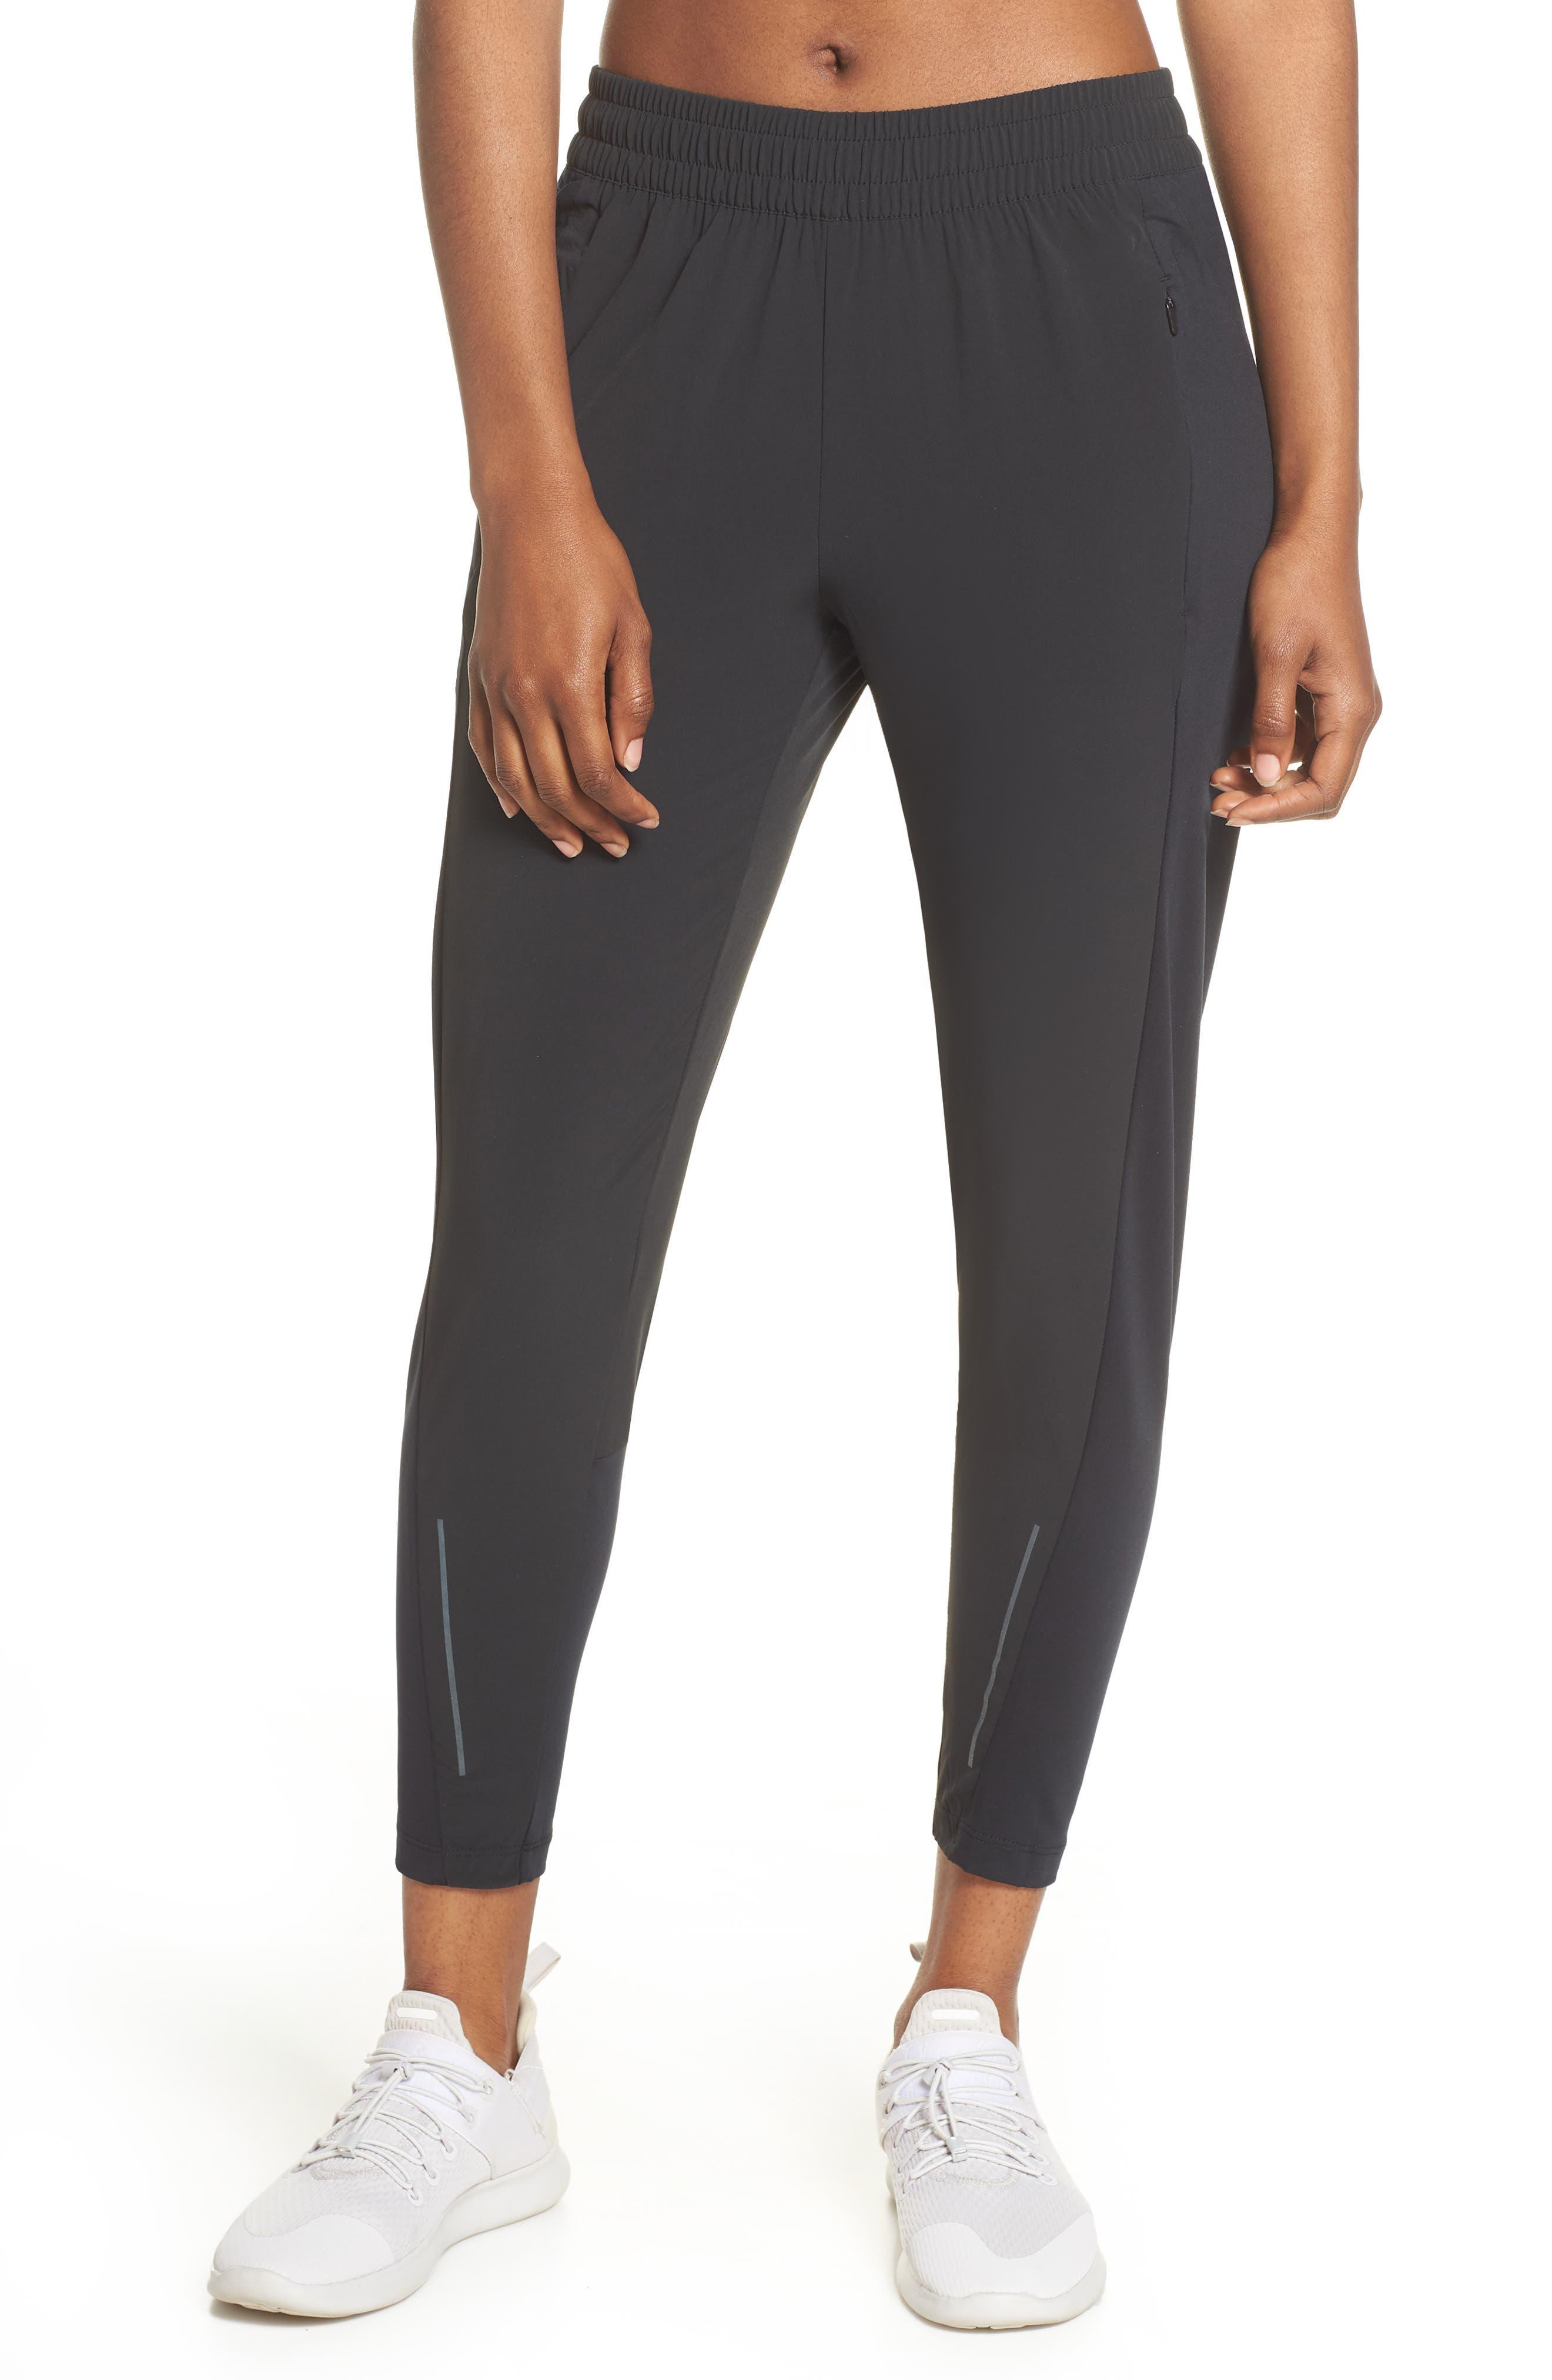 bf7e9d99d425 Nike Pants   Capris for Women